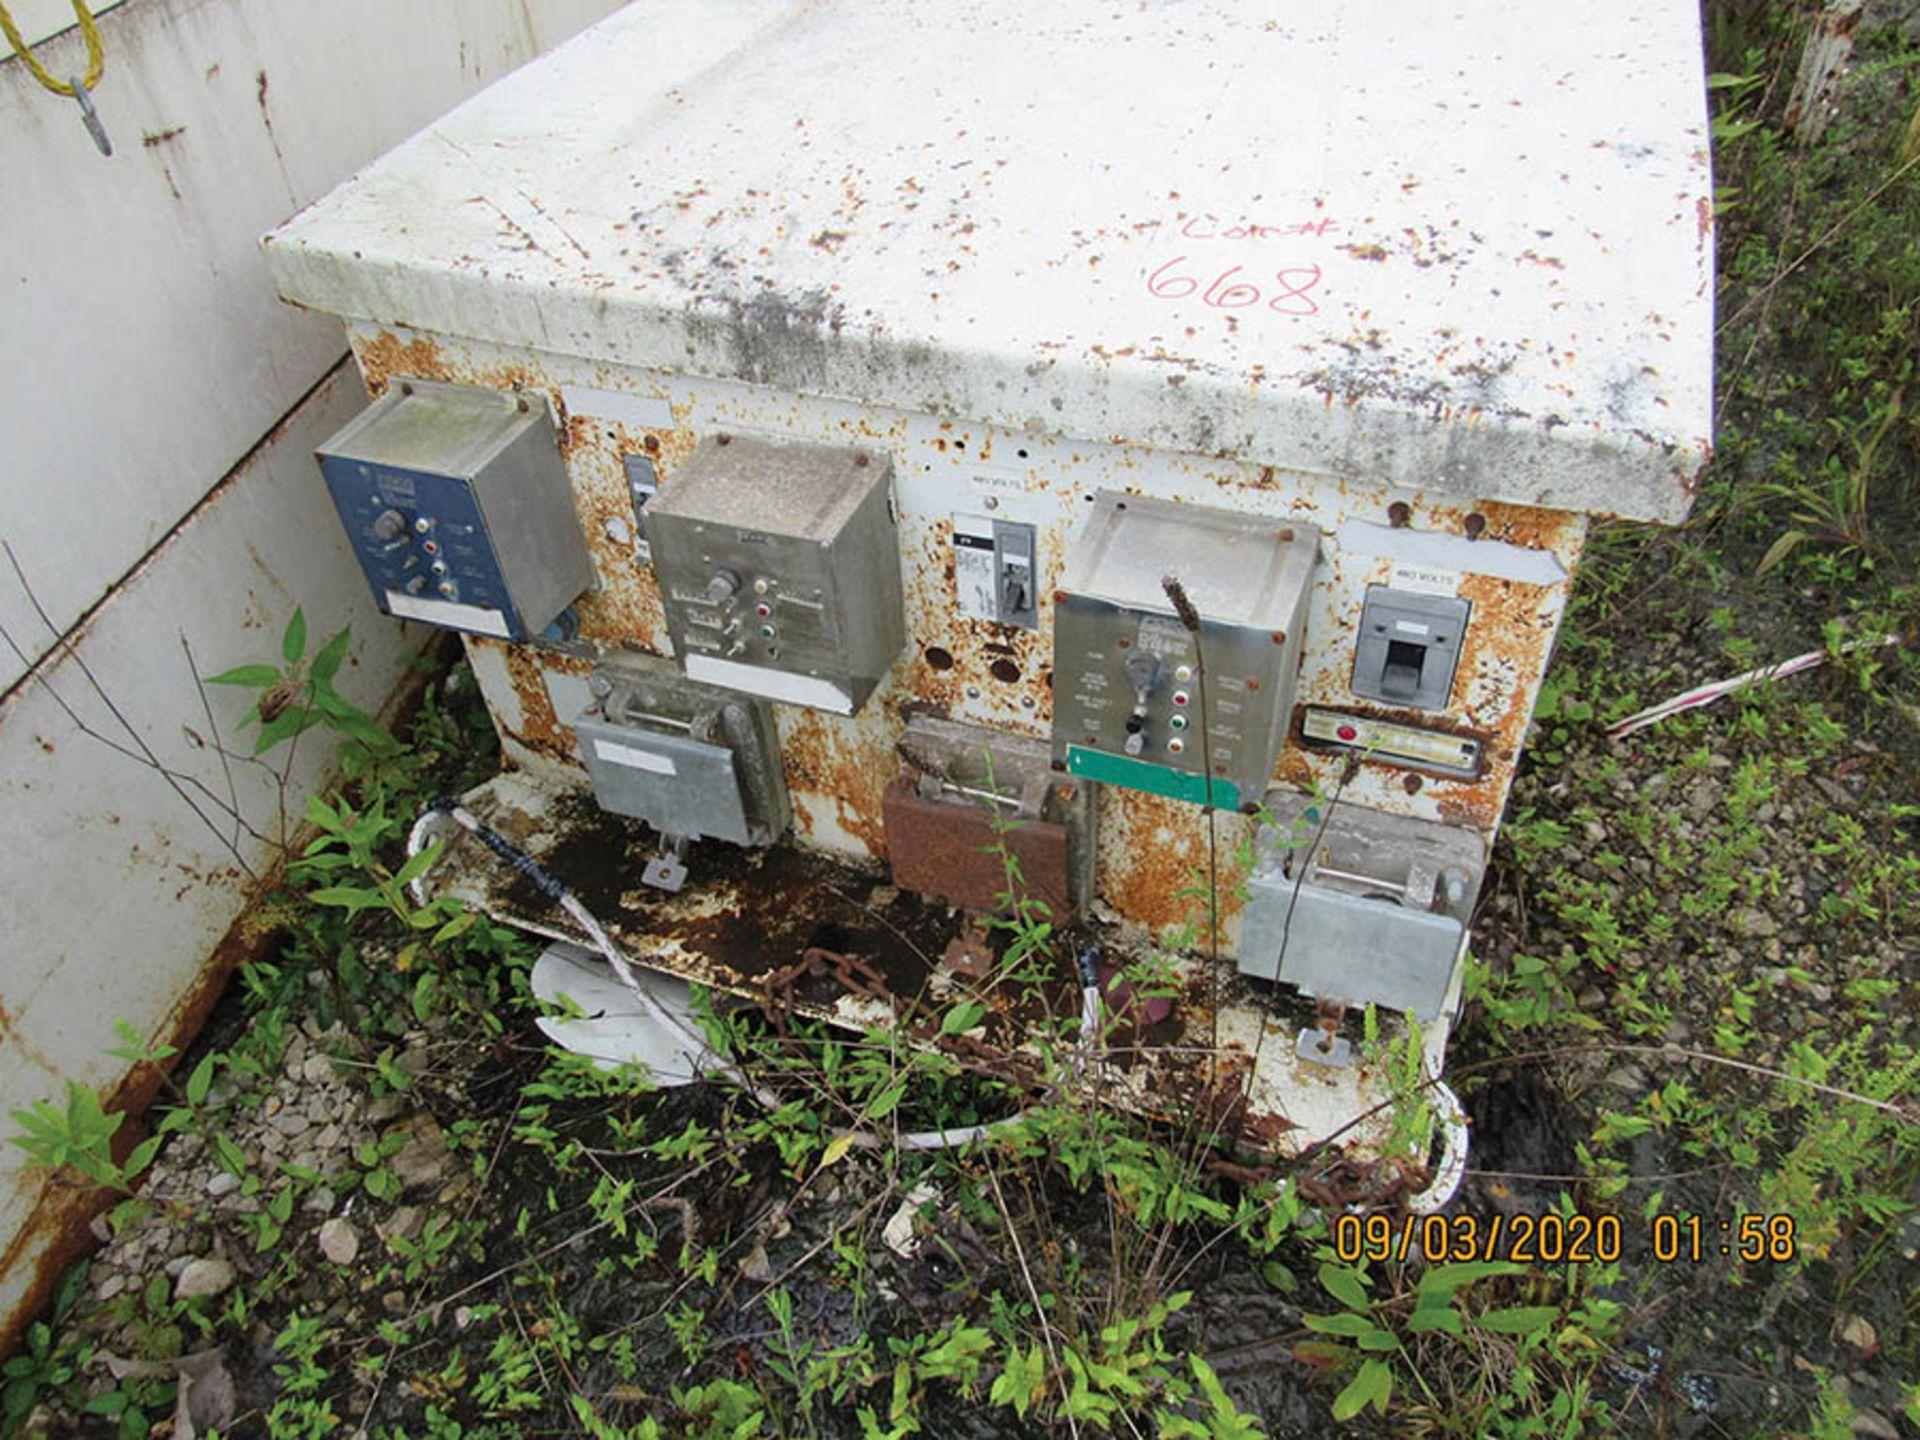 Lot 668 - 7,200 V POWER CENTER